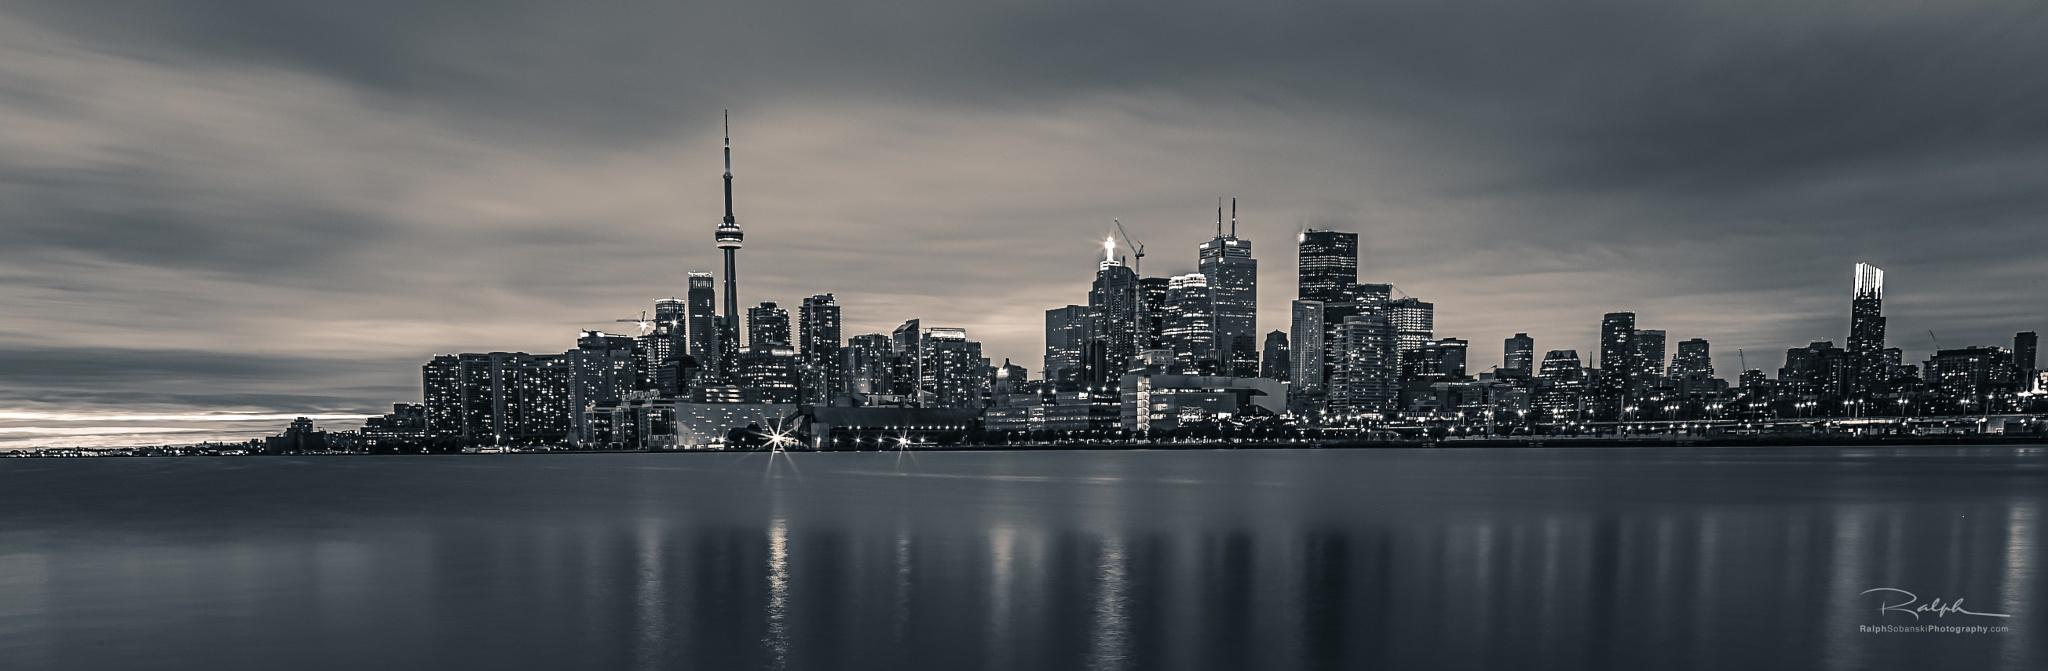 Toronto Skyline by Ralph Sobanski